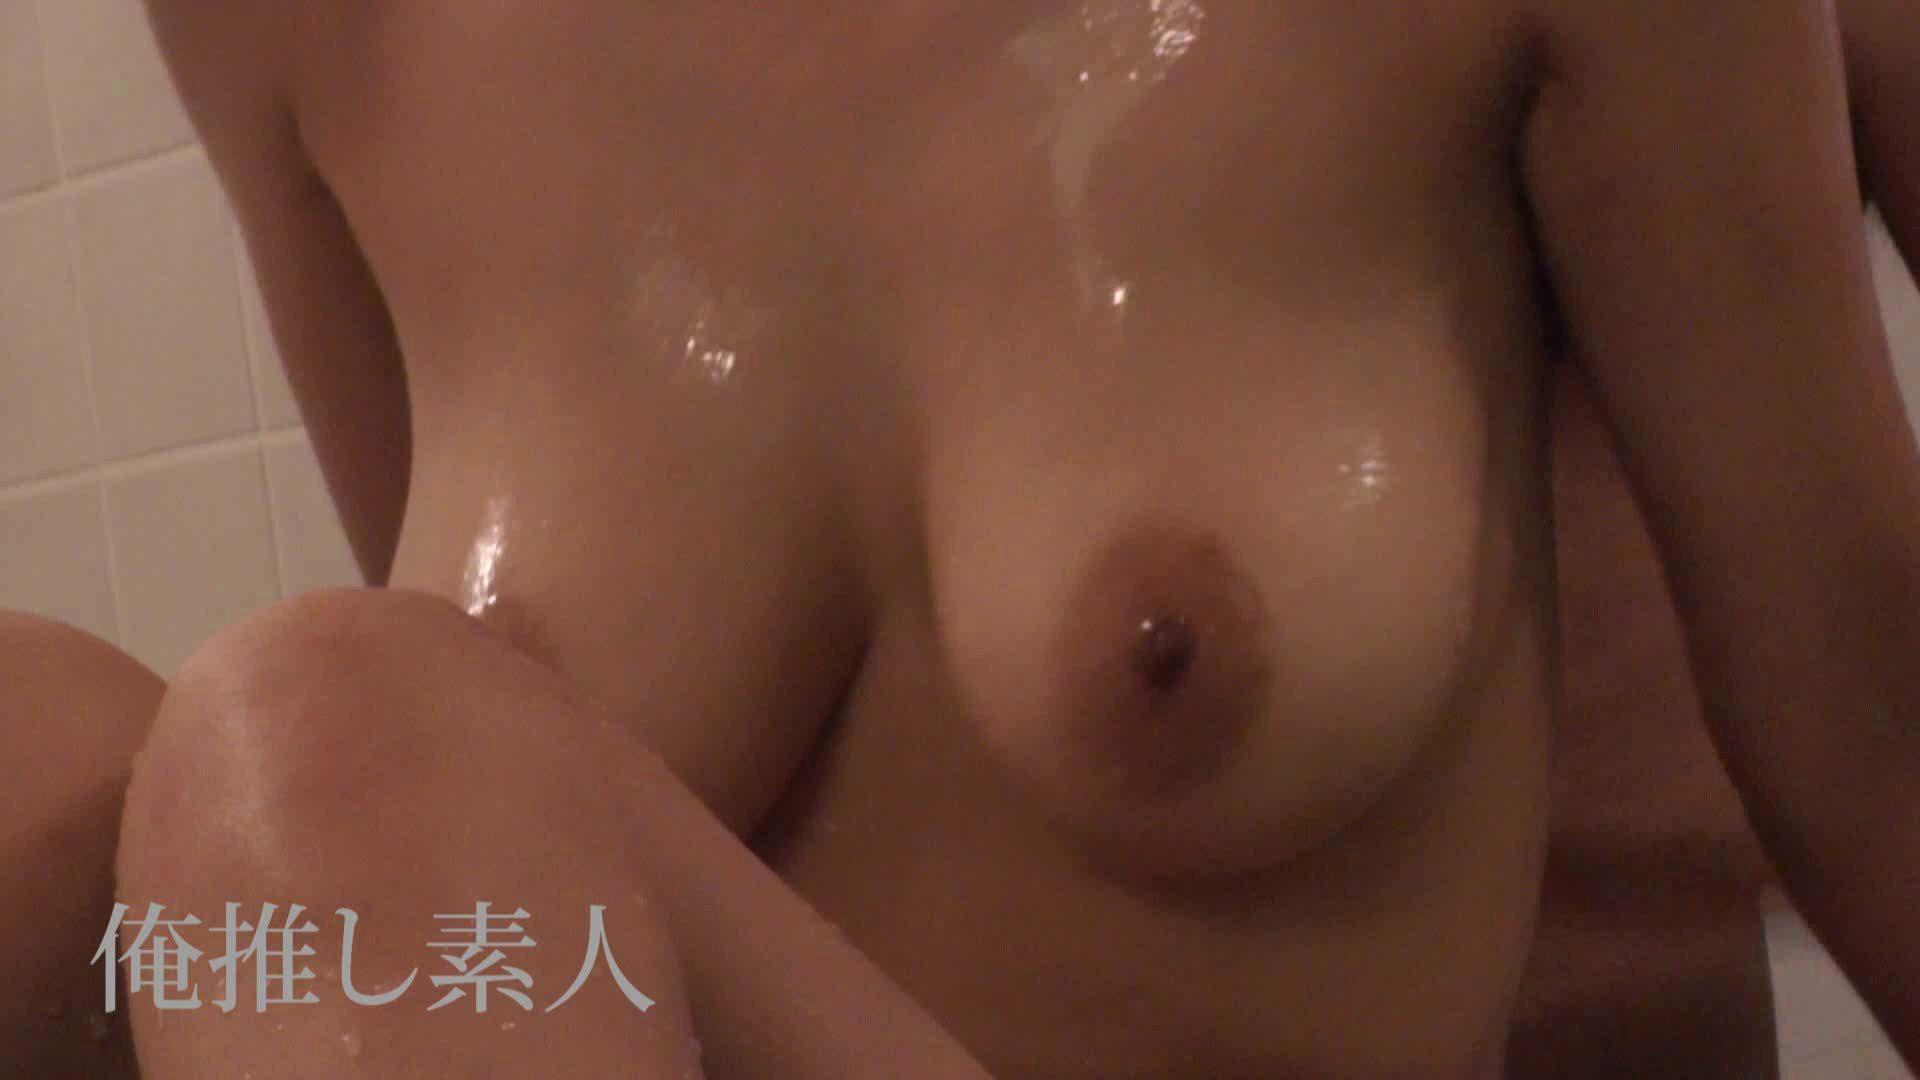 俺推し素人 30代人妻熟女キャバ嬢雫Vol.02 熟女 セックス無修正動画無料 71PIX 70